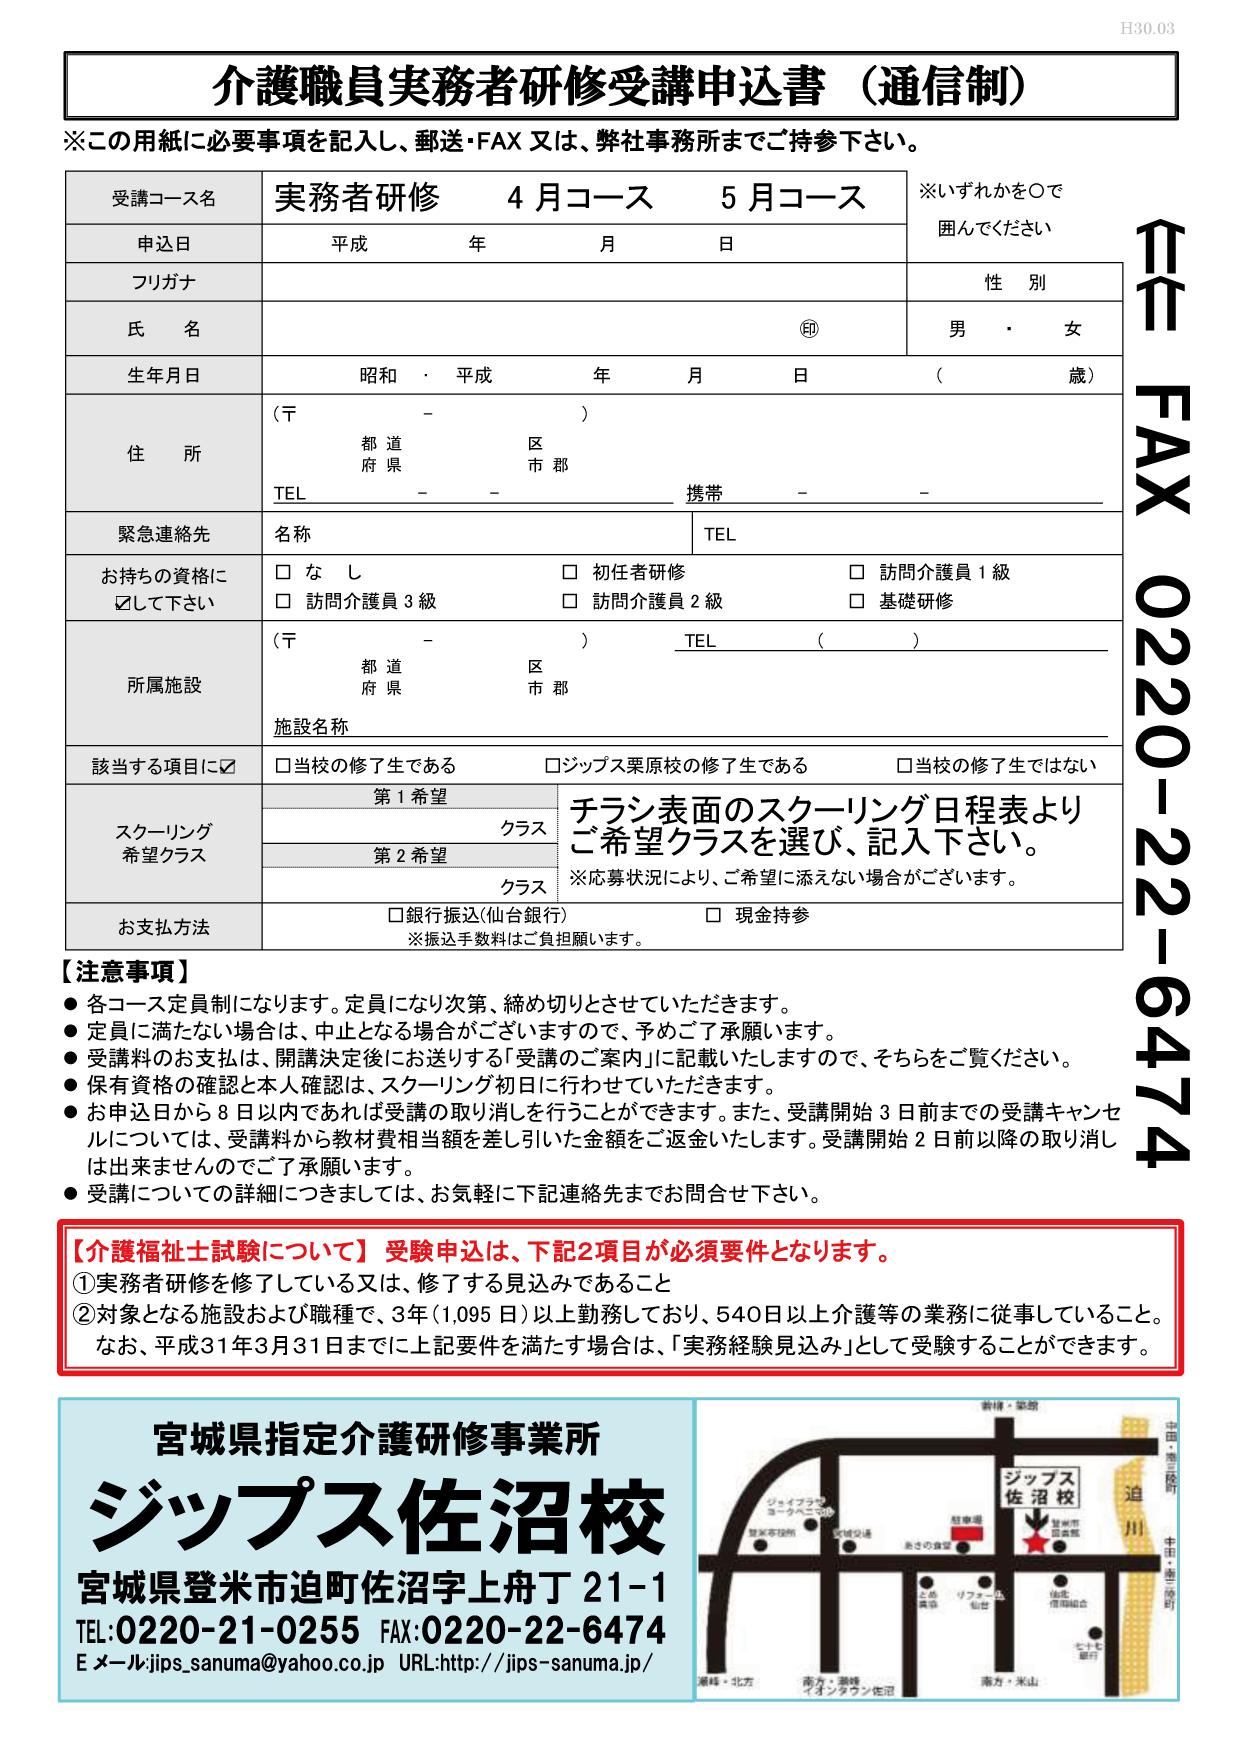 実務者募集チラシH30年3月(登米市以外)個人2